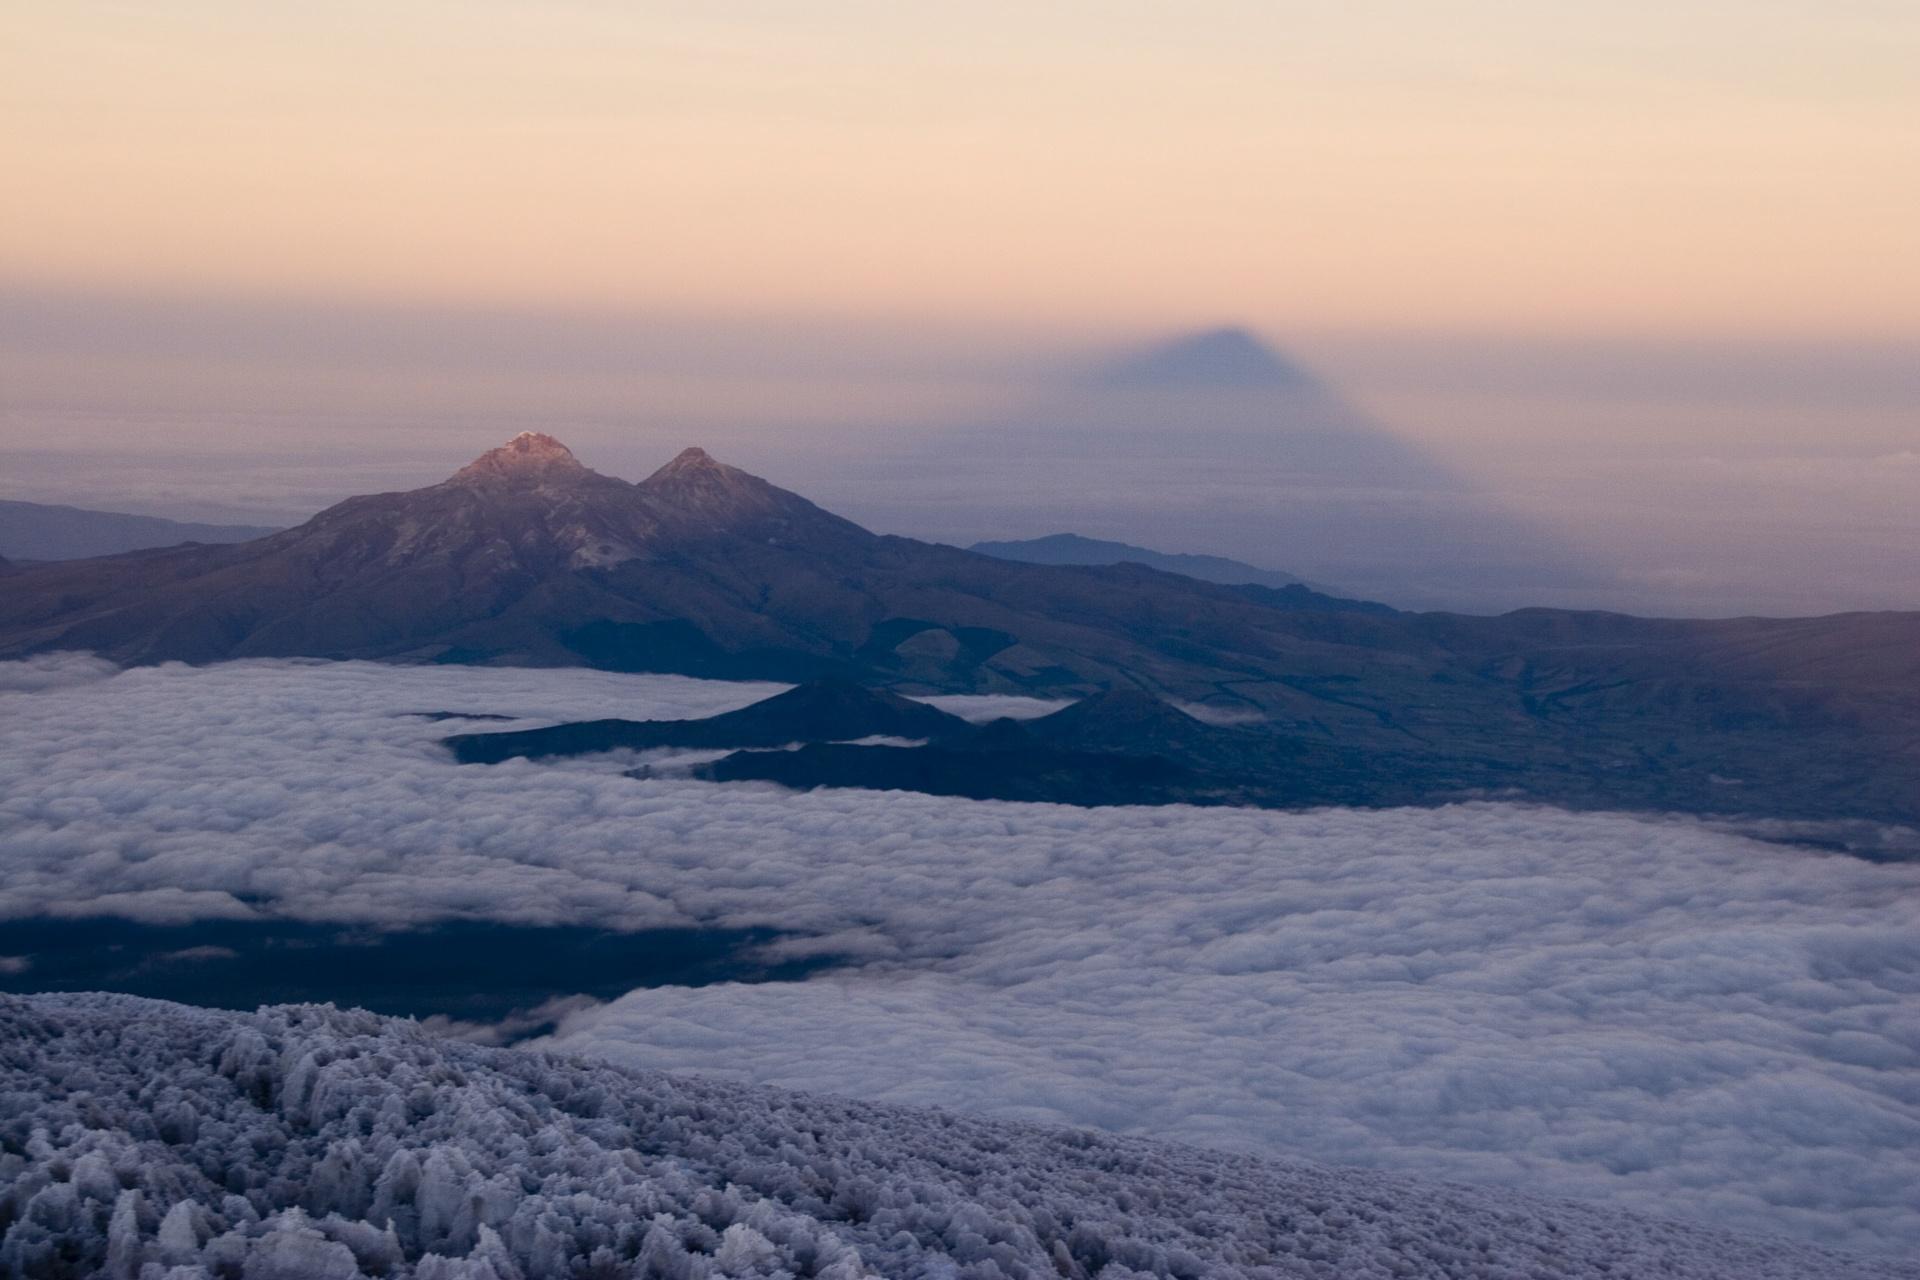 Le cône d'ombre du Cotopaxi depuis le sommet - Equateur